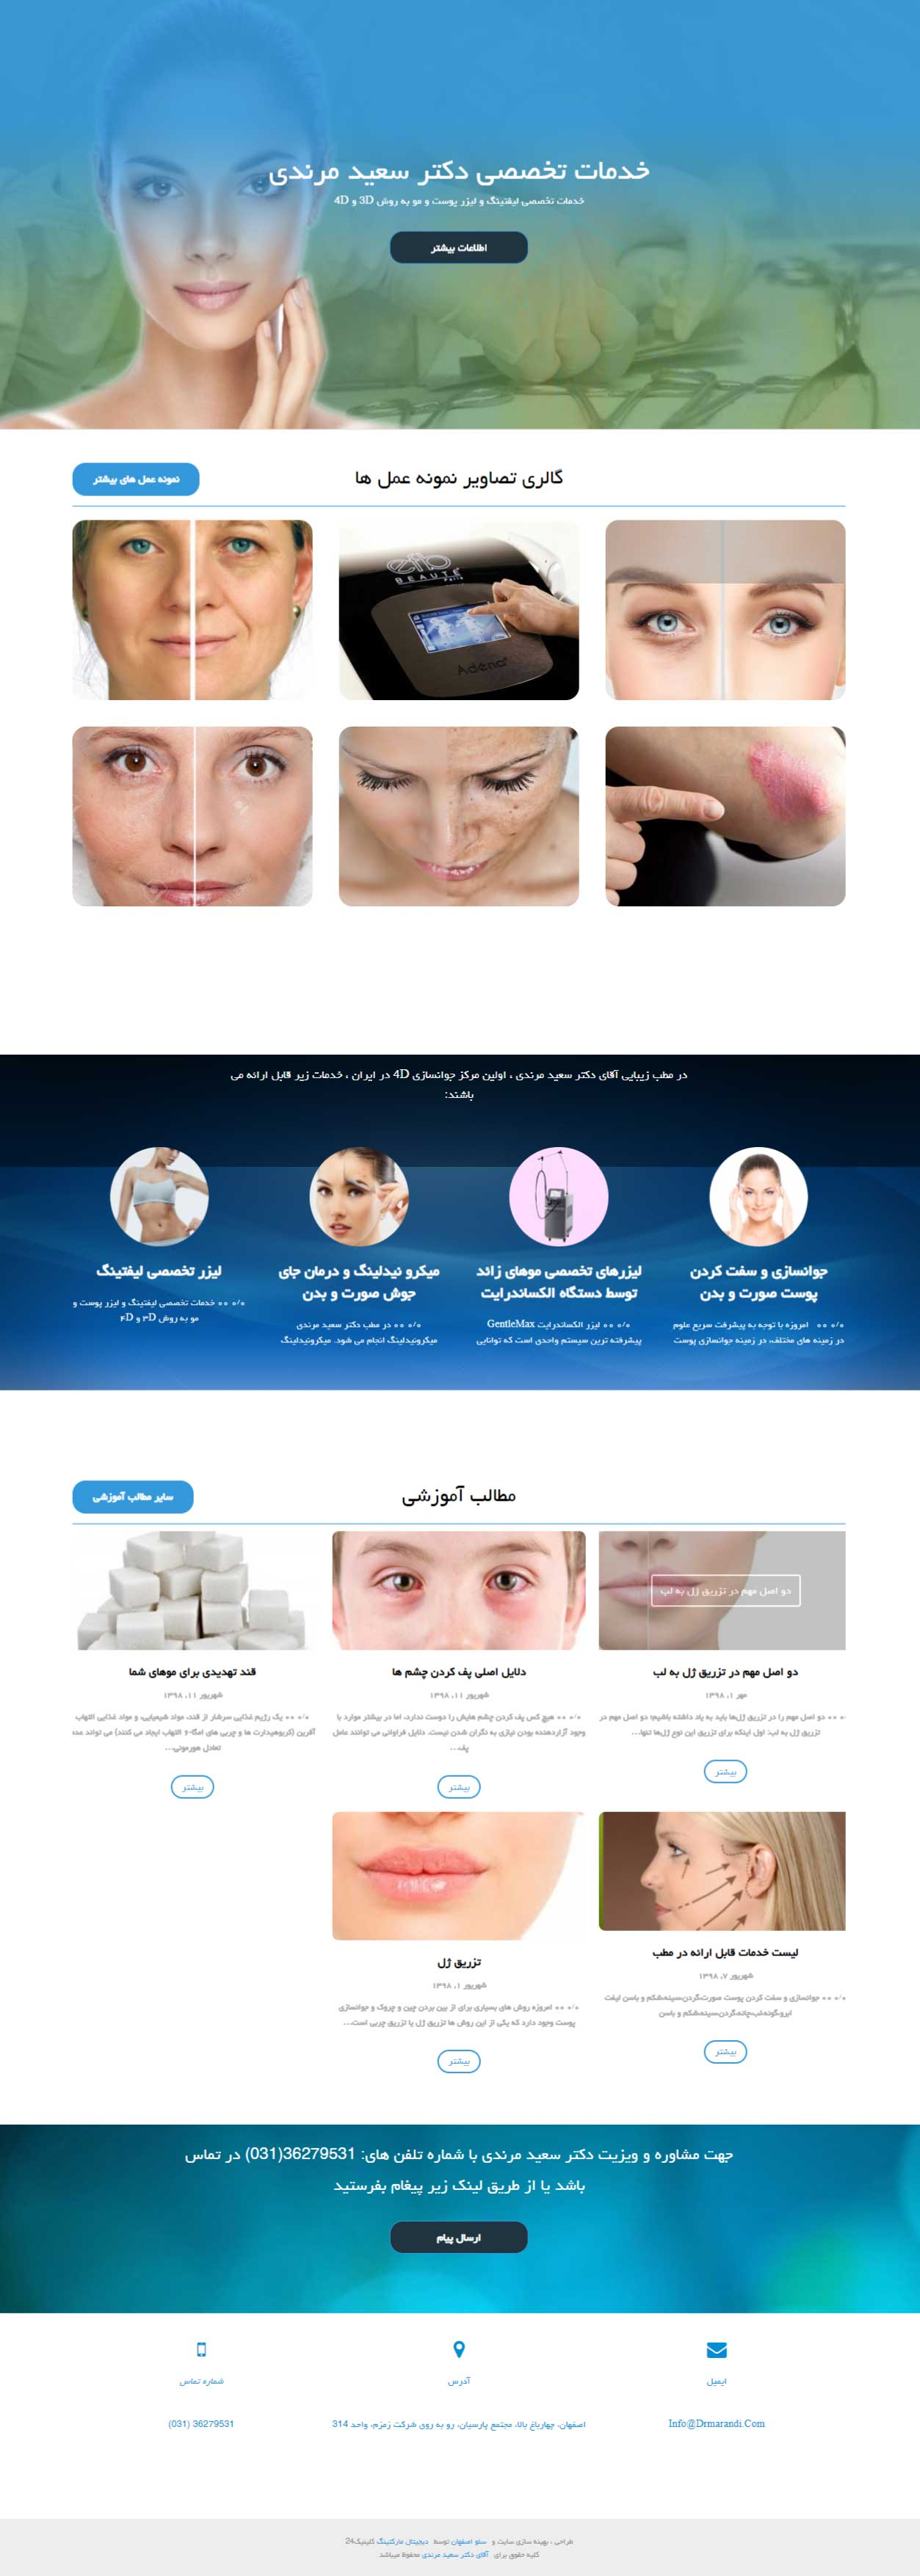 طراحی سایت پزشکی دکتر سعید مرندی